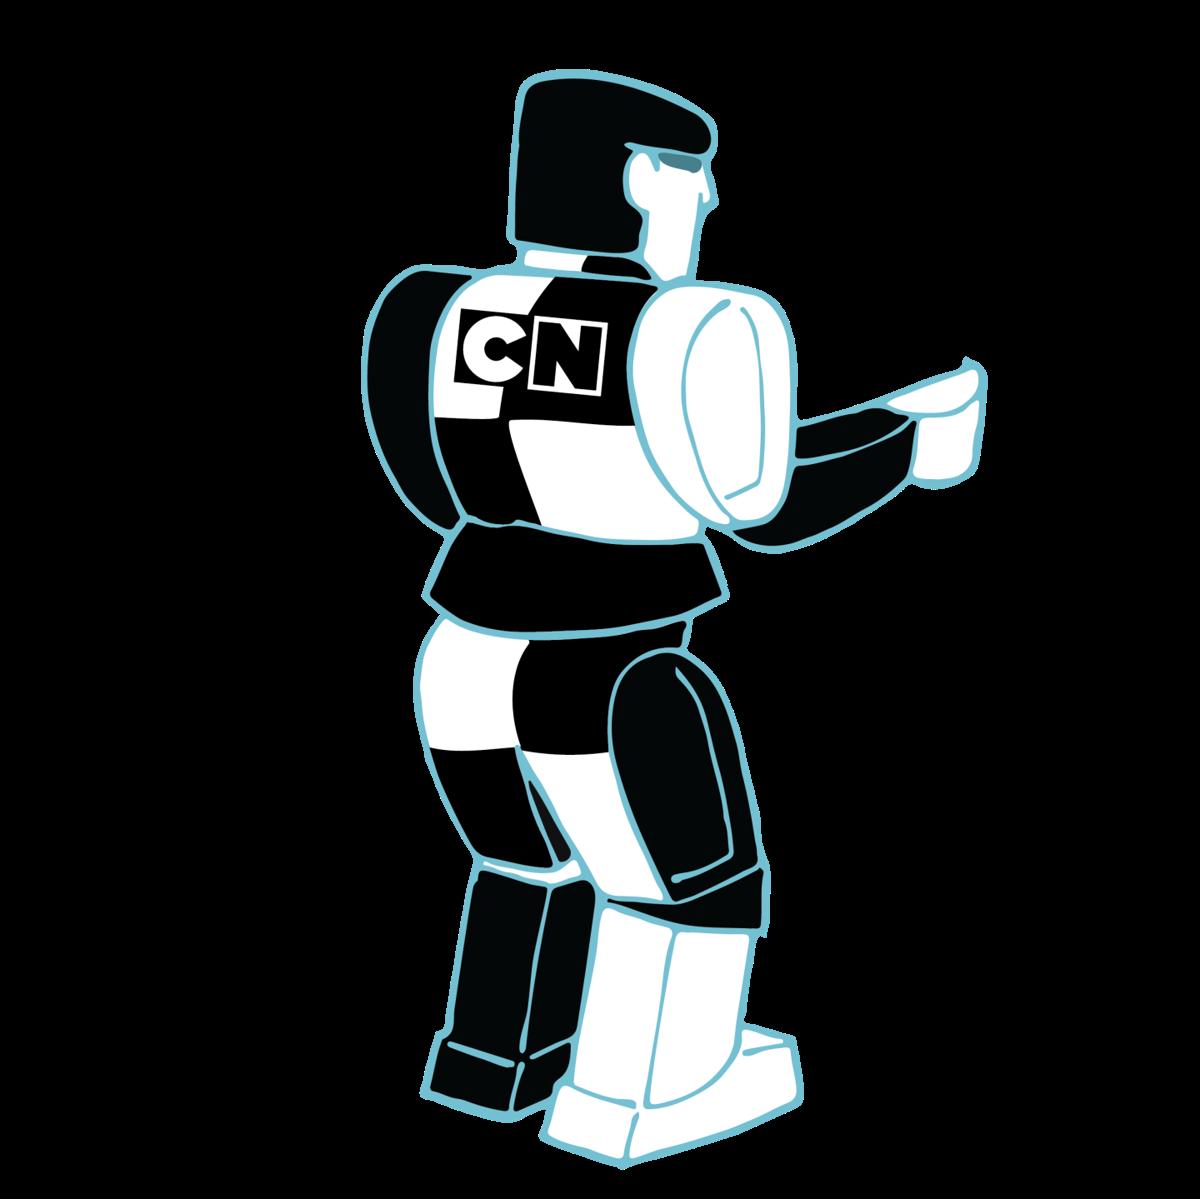 cn robot